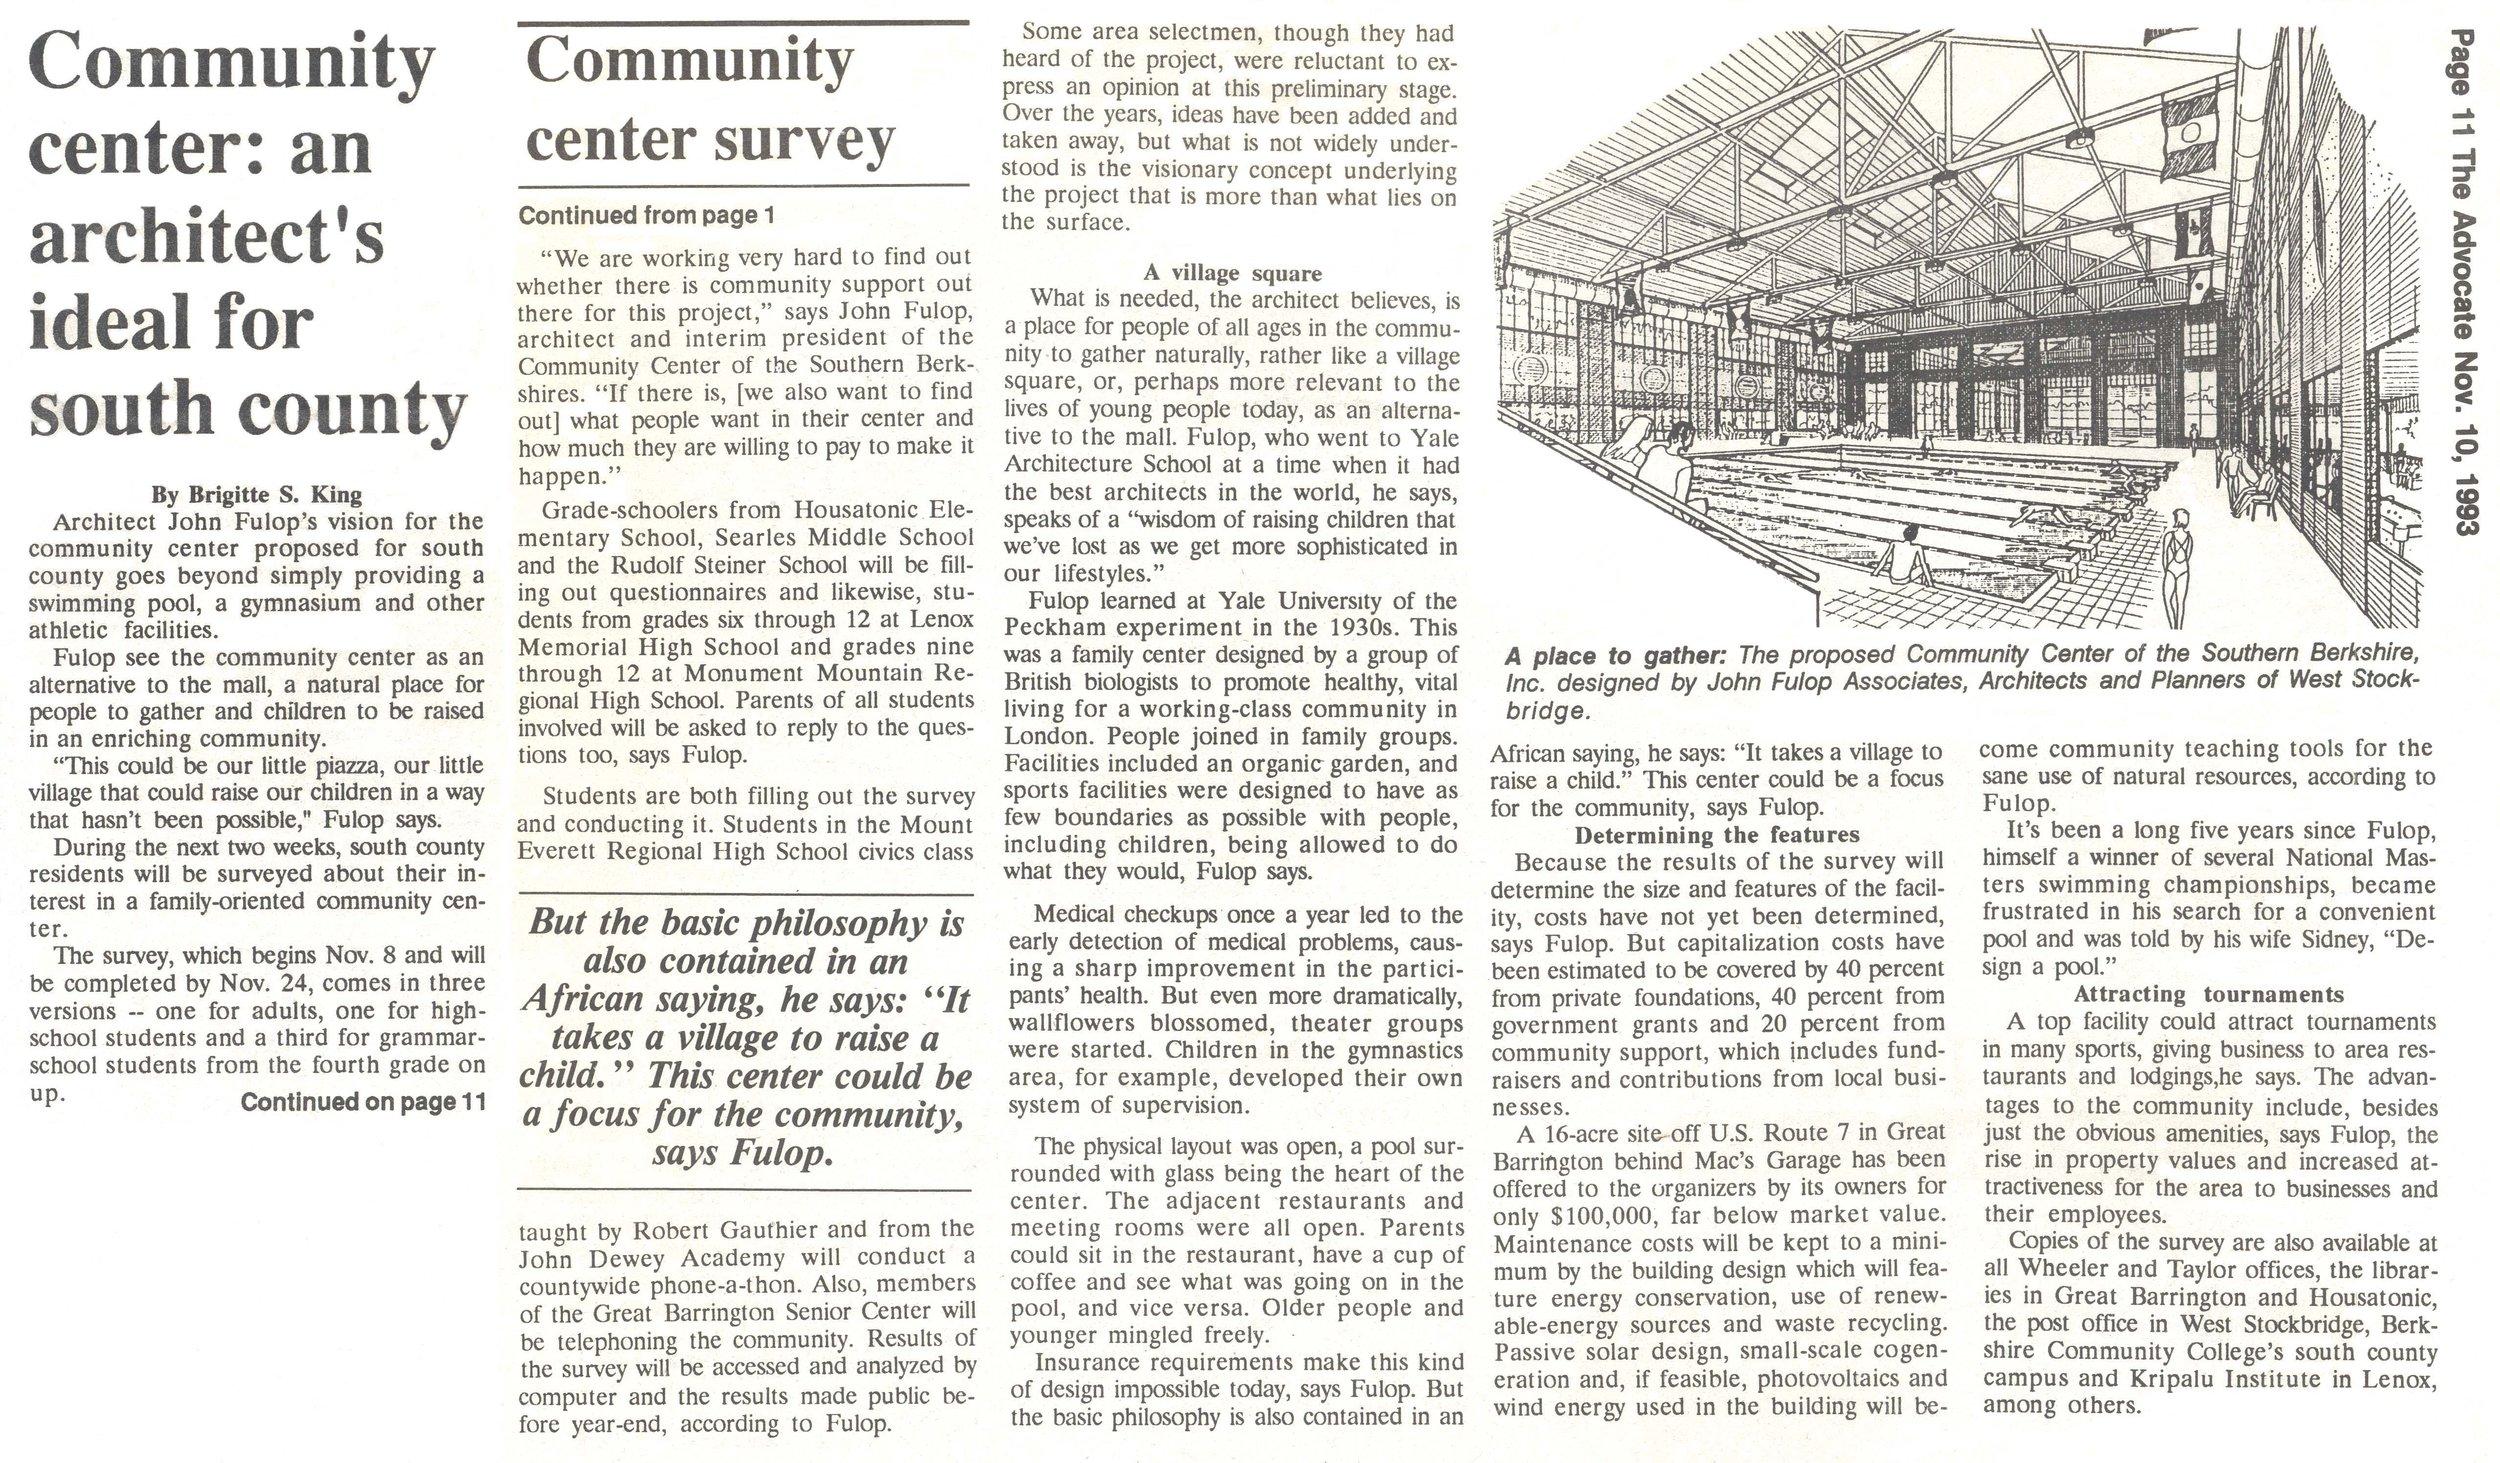 ArchitectsIdealForSouthCounty Advocate Nov1993.jpg